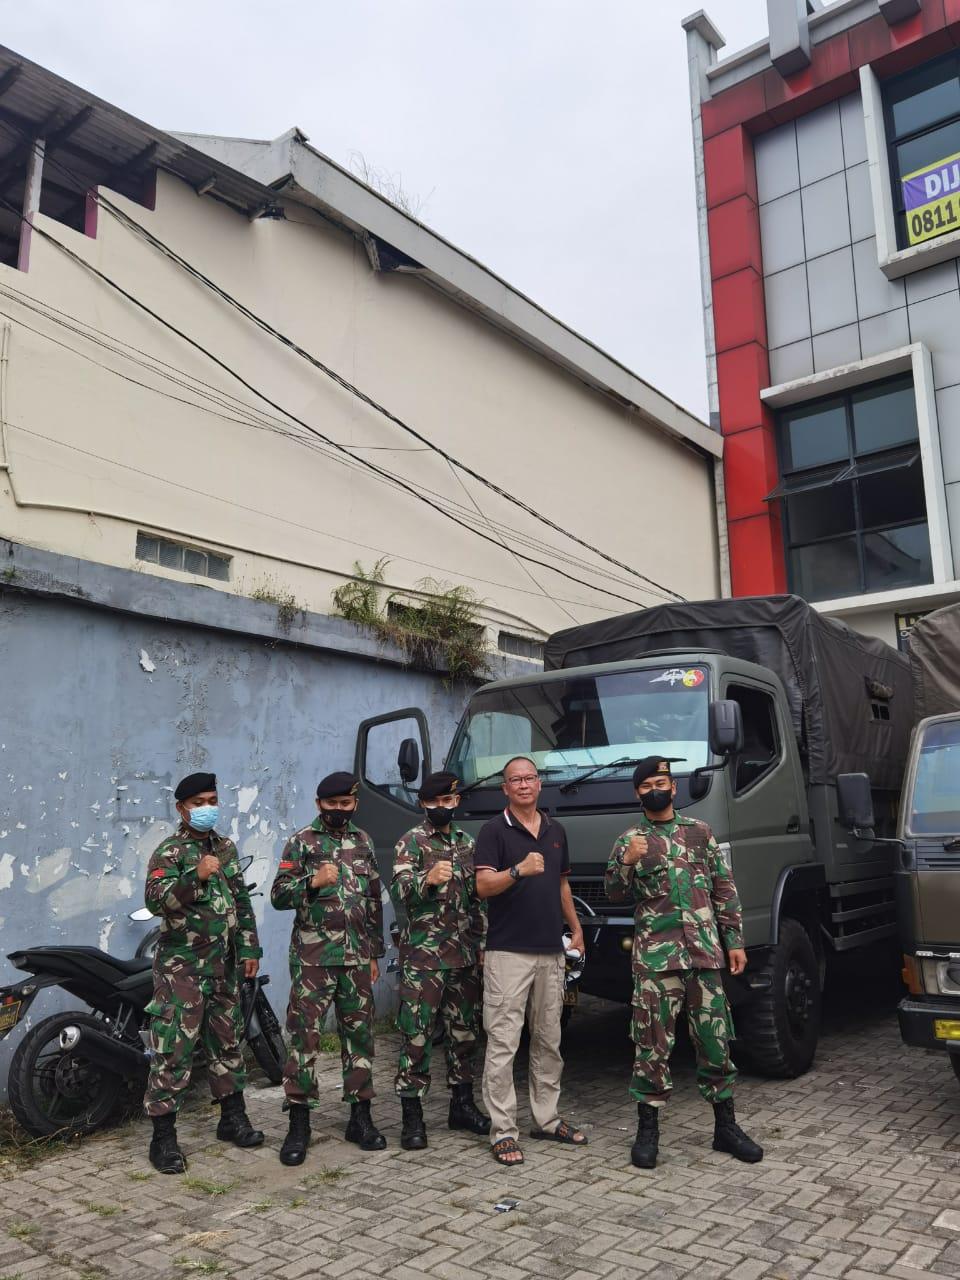 Disaat Pandemi Covid 19 Kurniawan Tan Salurkan Bantuan Puluhan Ribu Indomie Instan Berbagi Kasih Kepada Warga Terdampak Covid-19